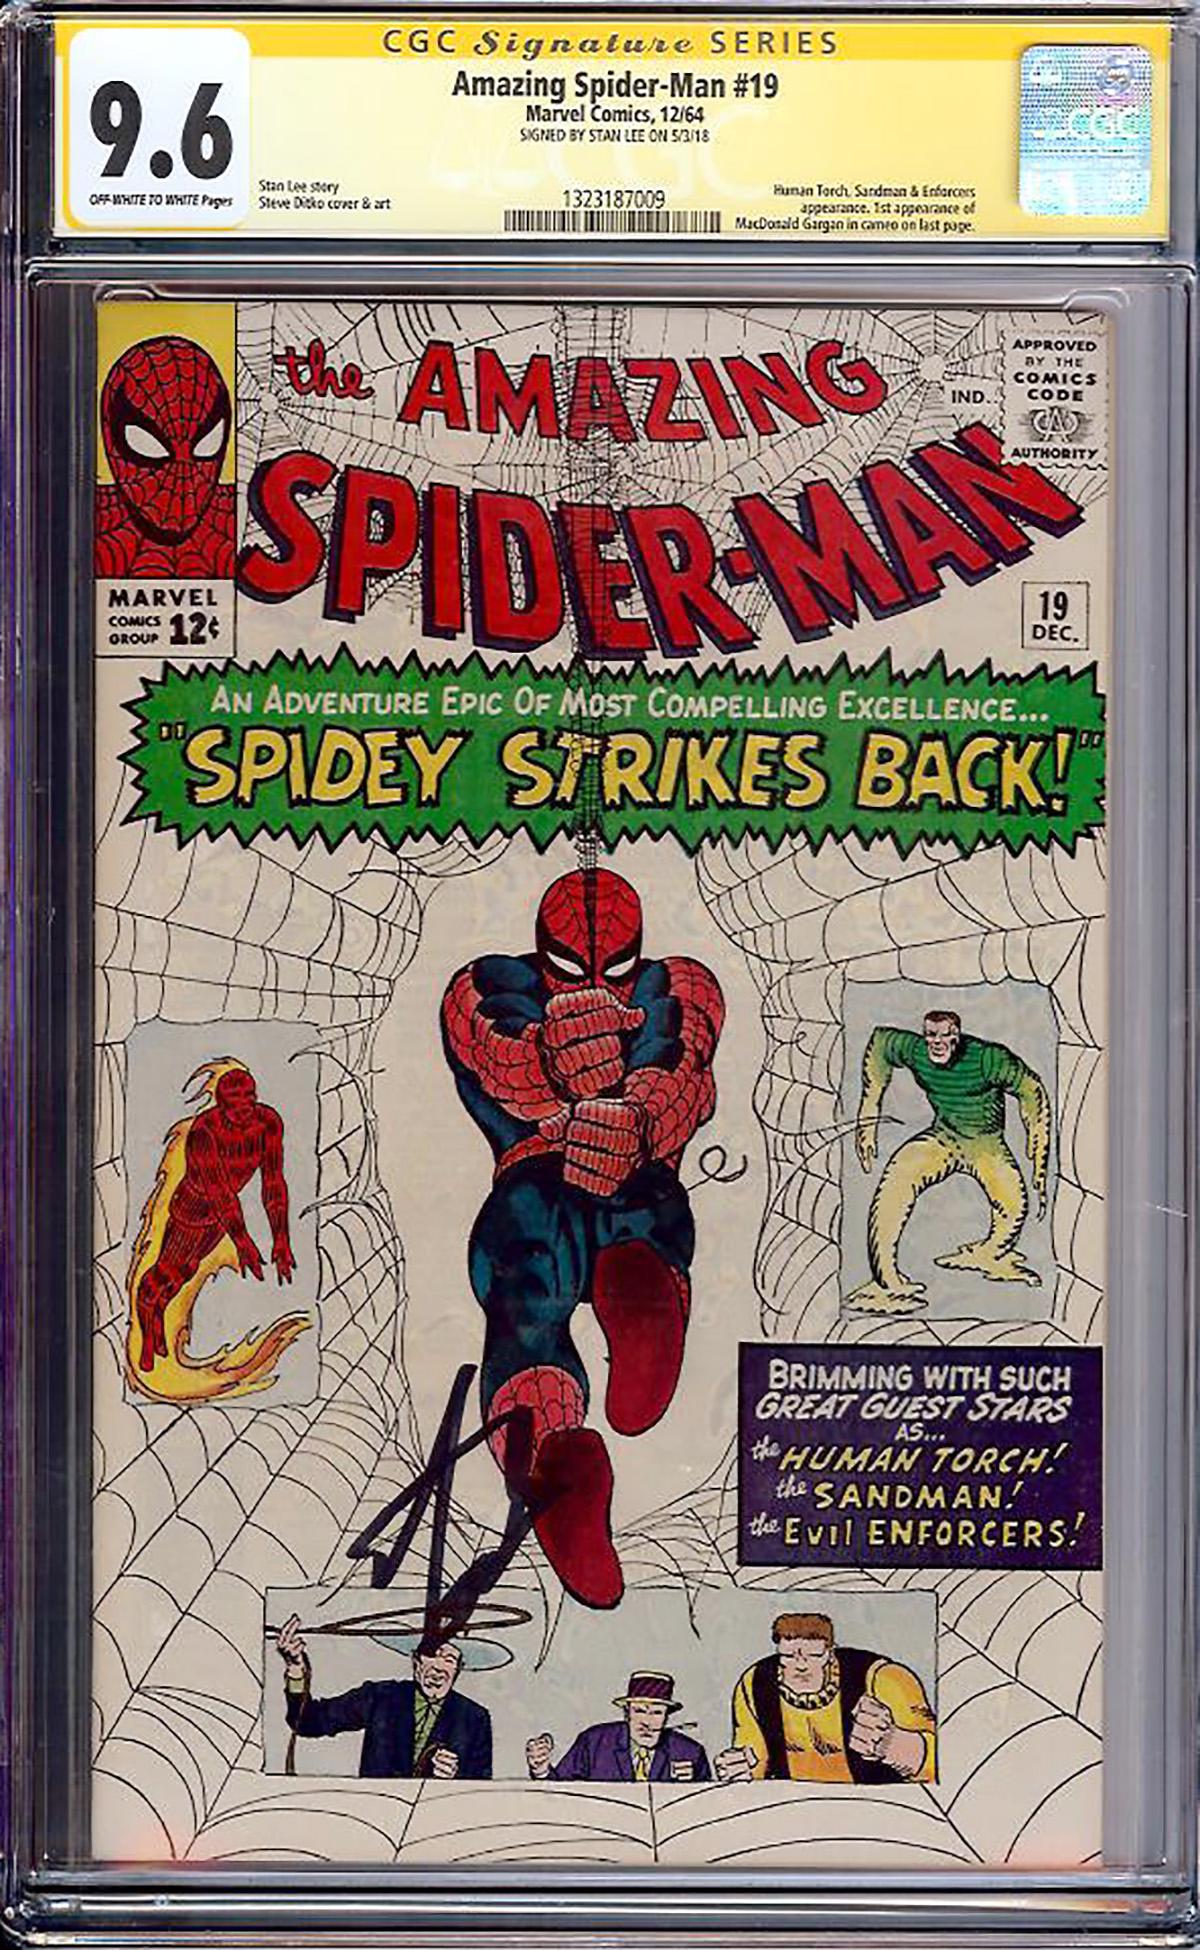 Amazing Spider-Man #19 CGC 9.6 ow/w CGC Signature SERIES